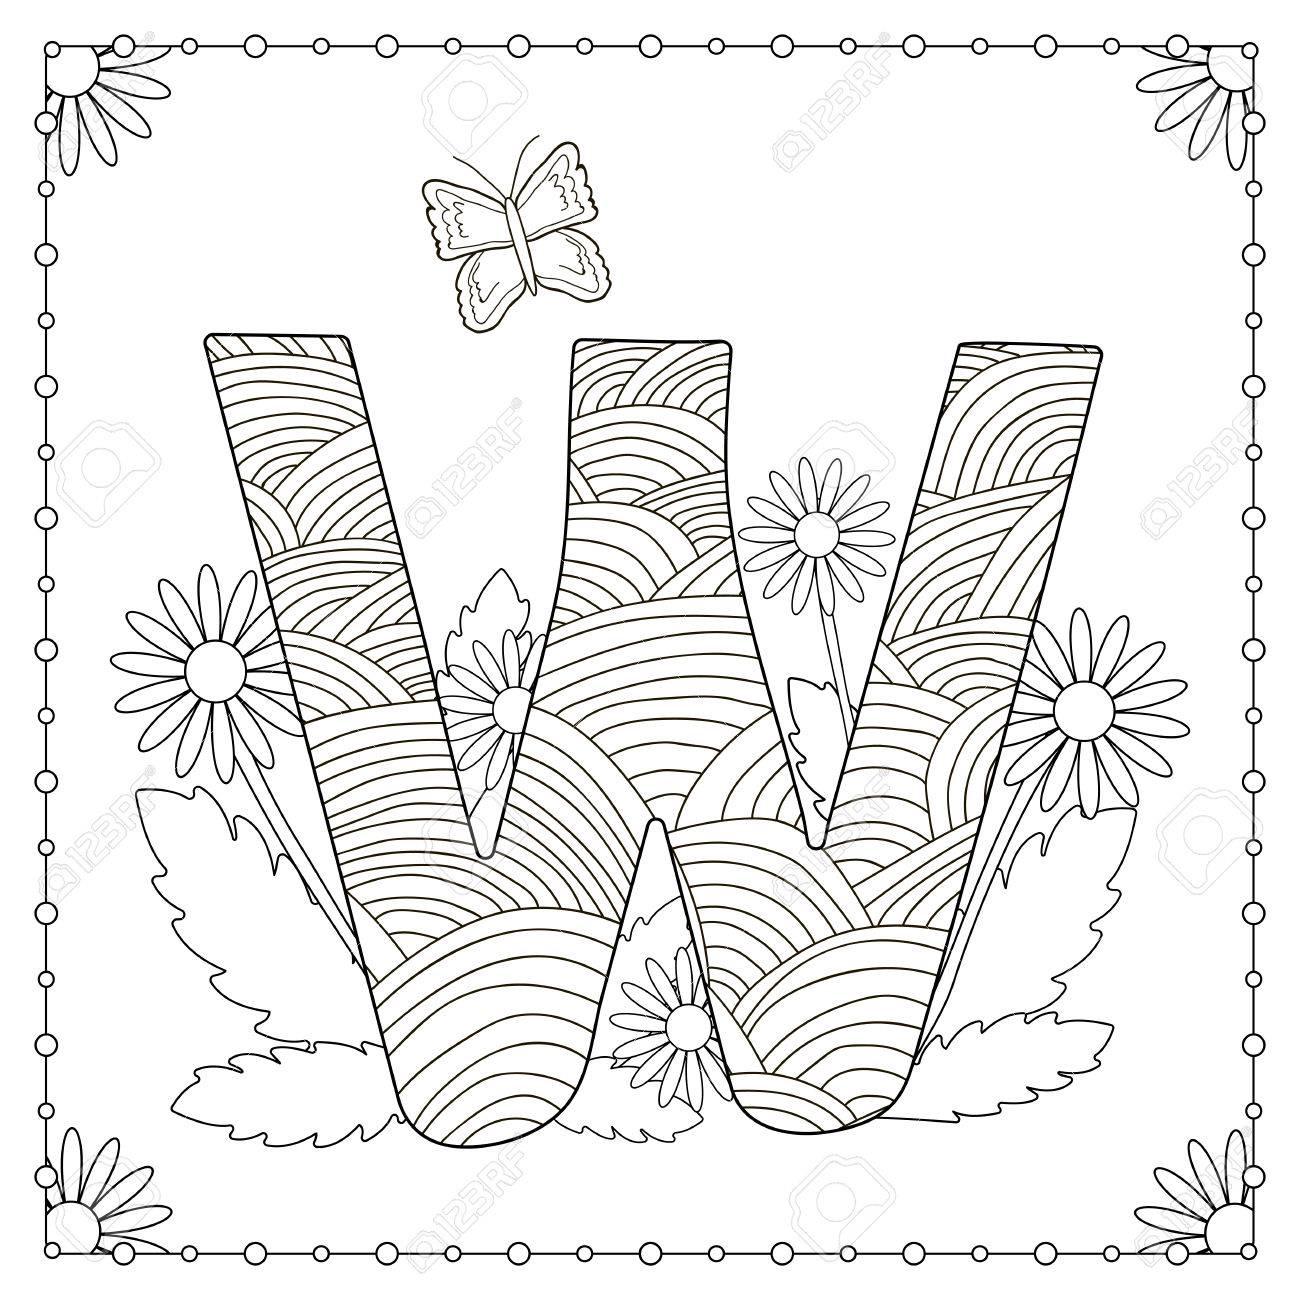 Ausmalbilder Schmetterling Groß : Alphabet Ausmalbilder Gro Buchstabe W Mit Blumen Bl Ttern Und